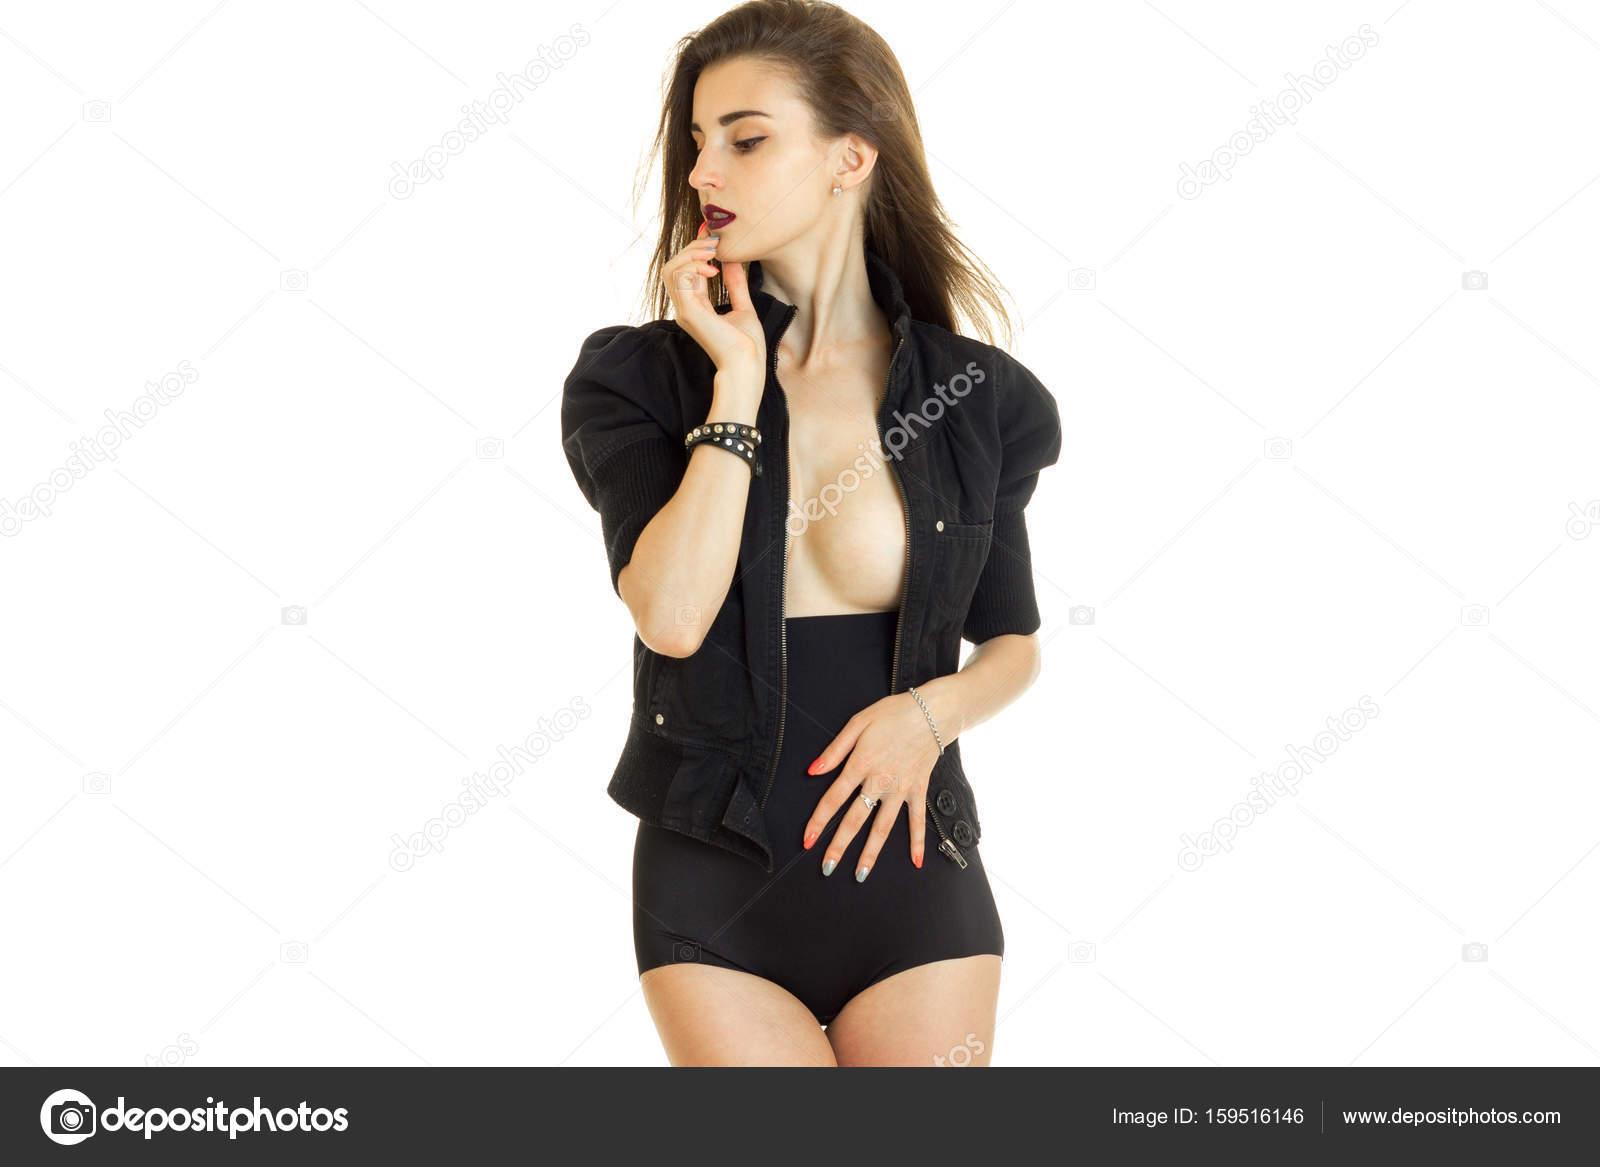 Grote zwarte naakt meisje